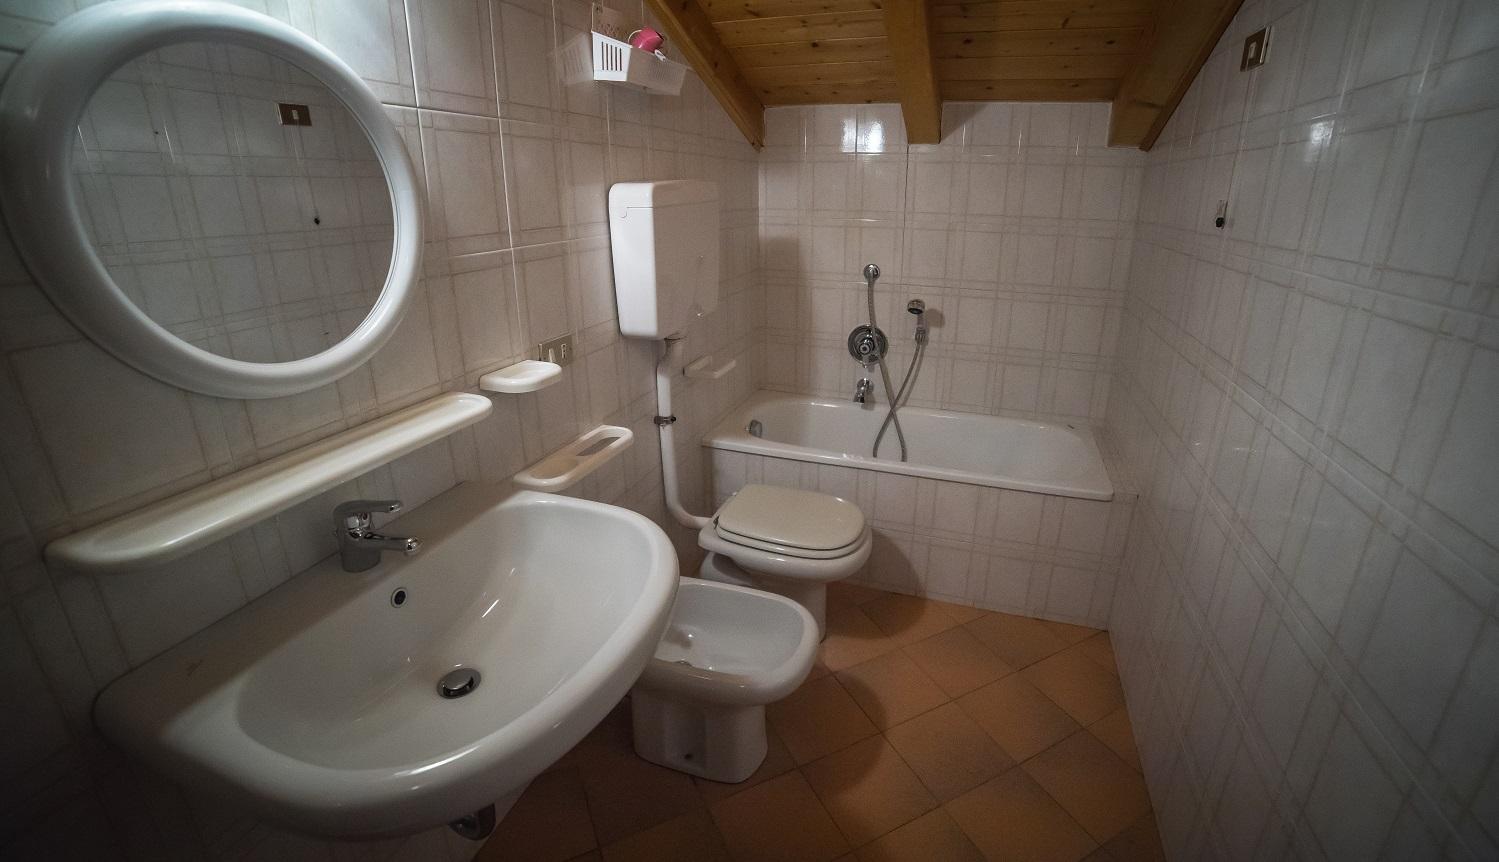 Casa enrico bilocale 4 persone lake project - Bagno sottotetto ...